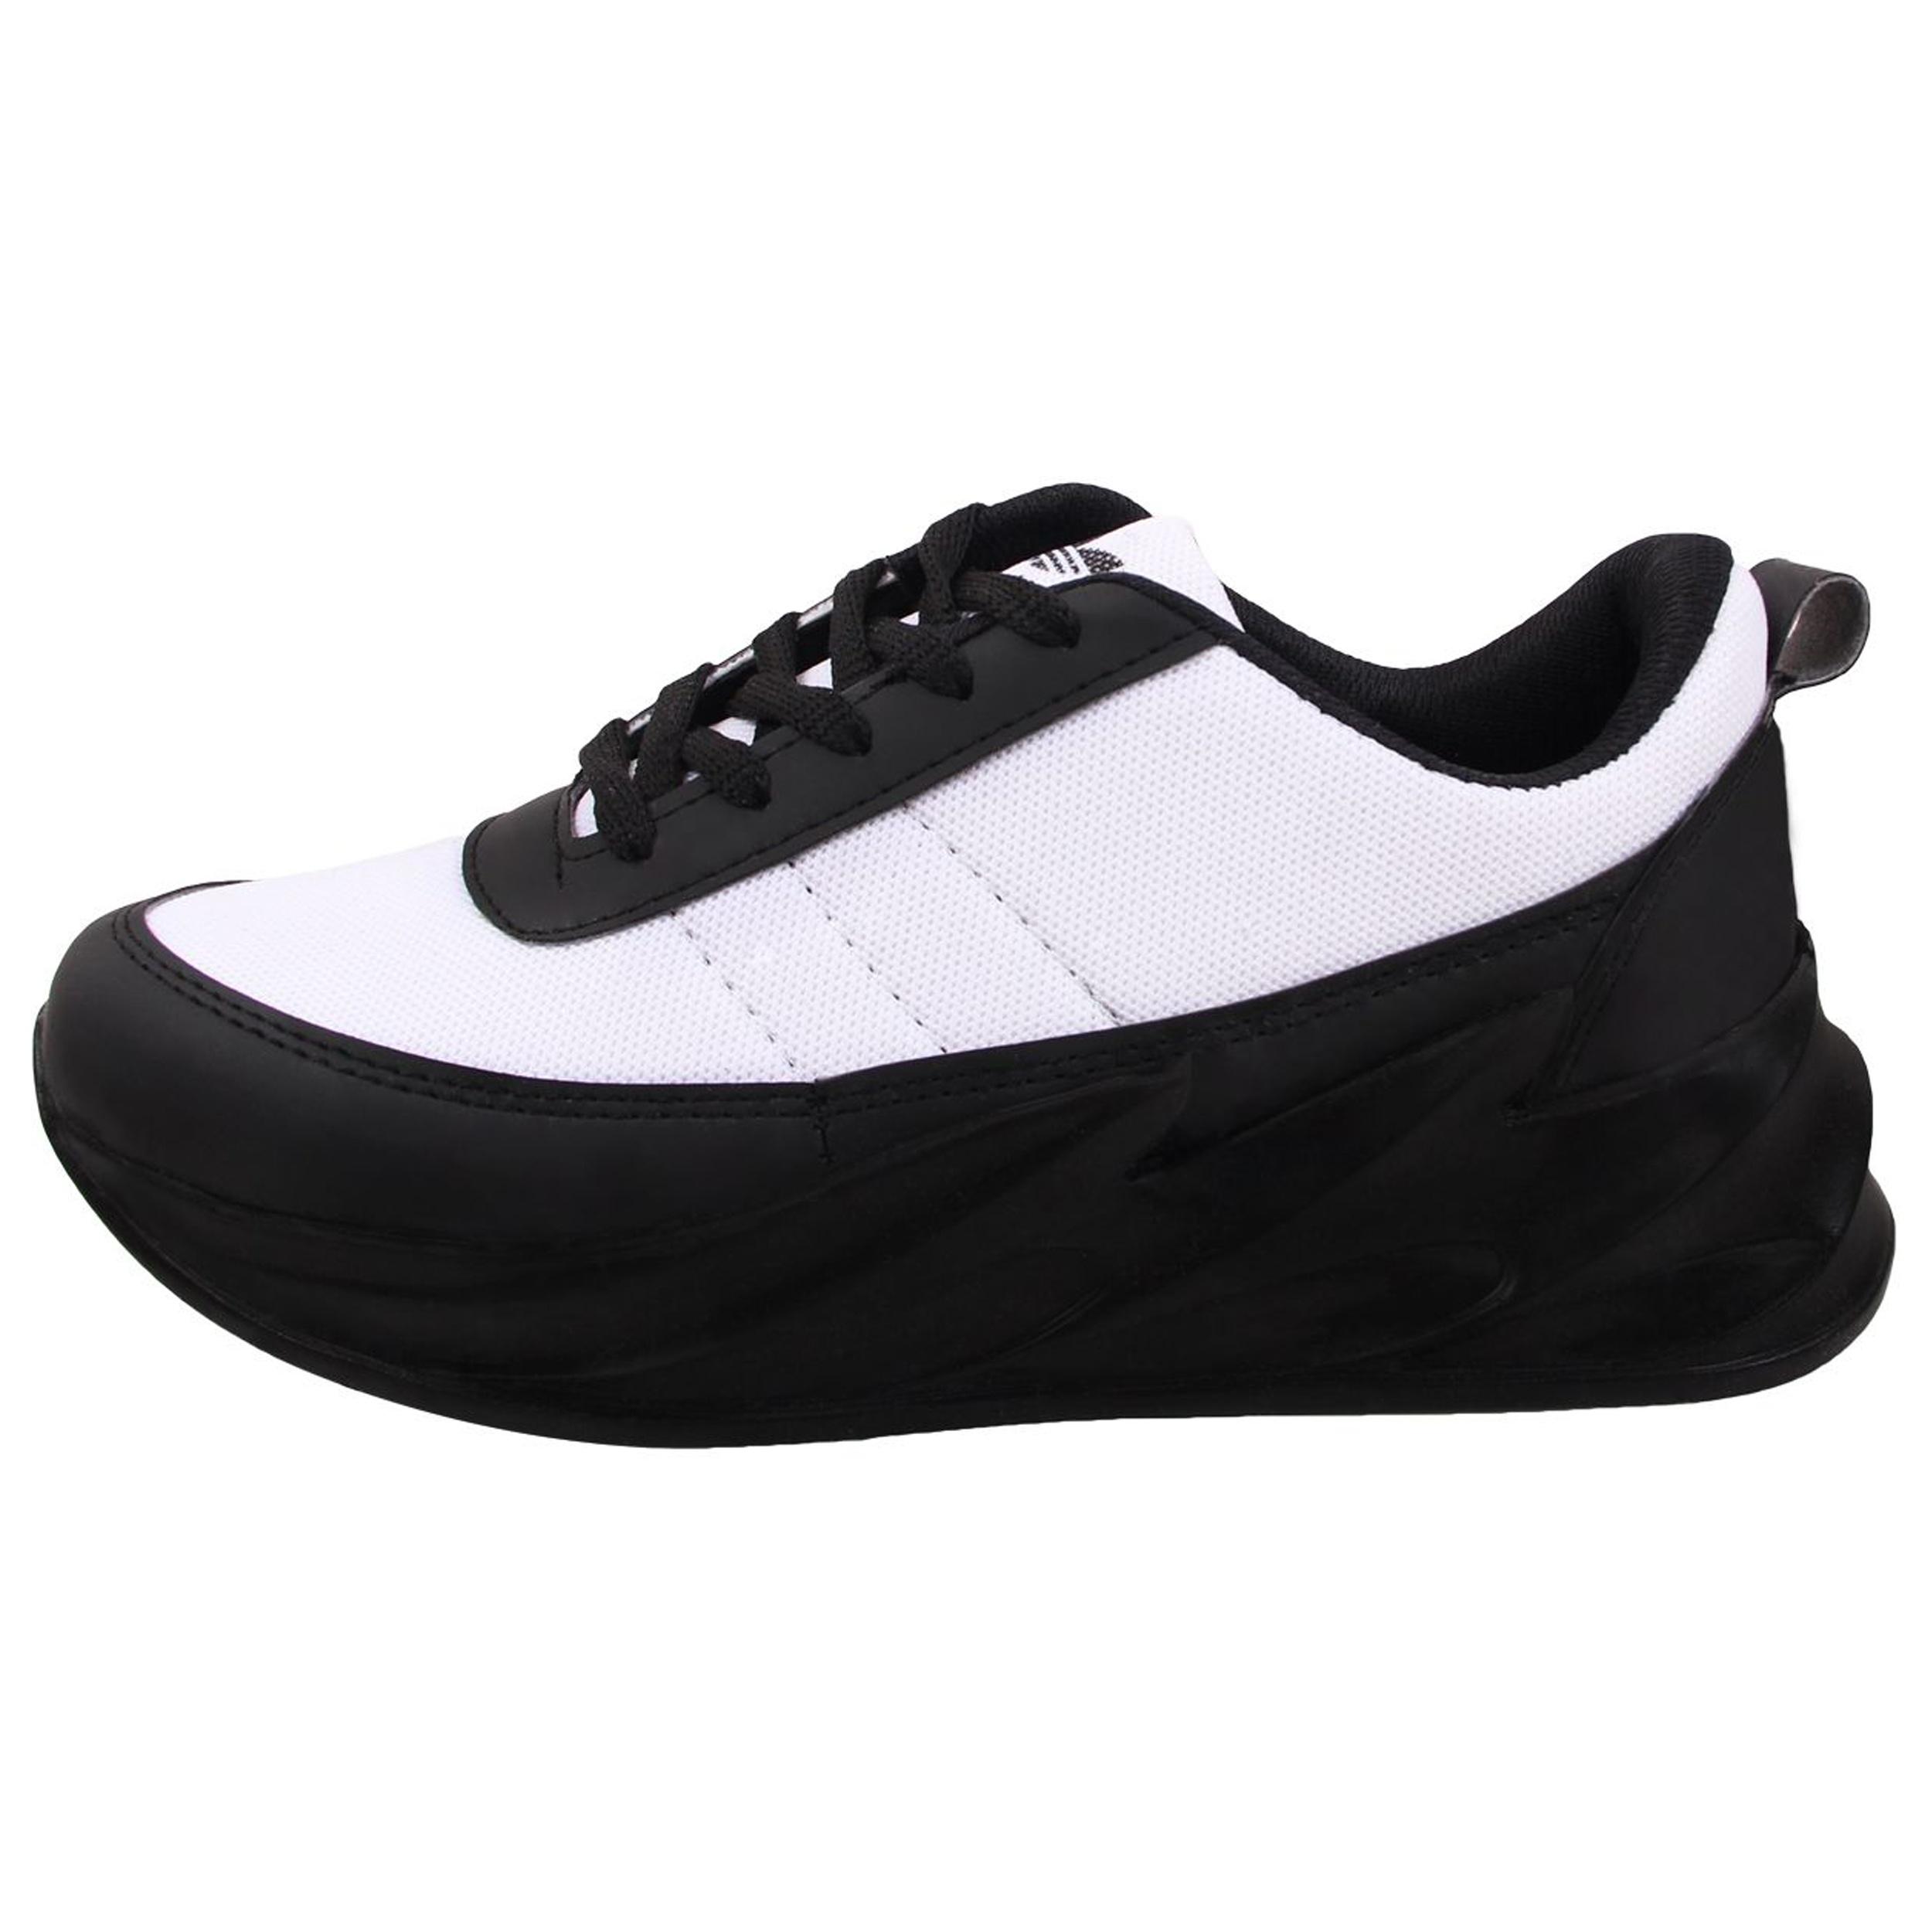 کفش مخصوص پیاده روی زنانه کد 4-2397120